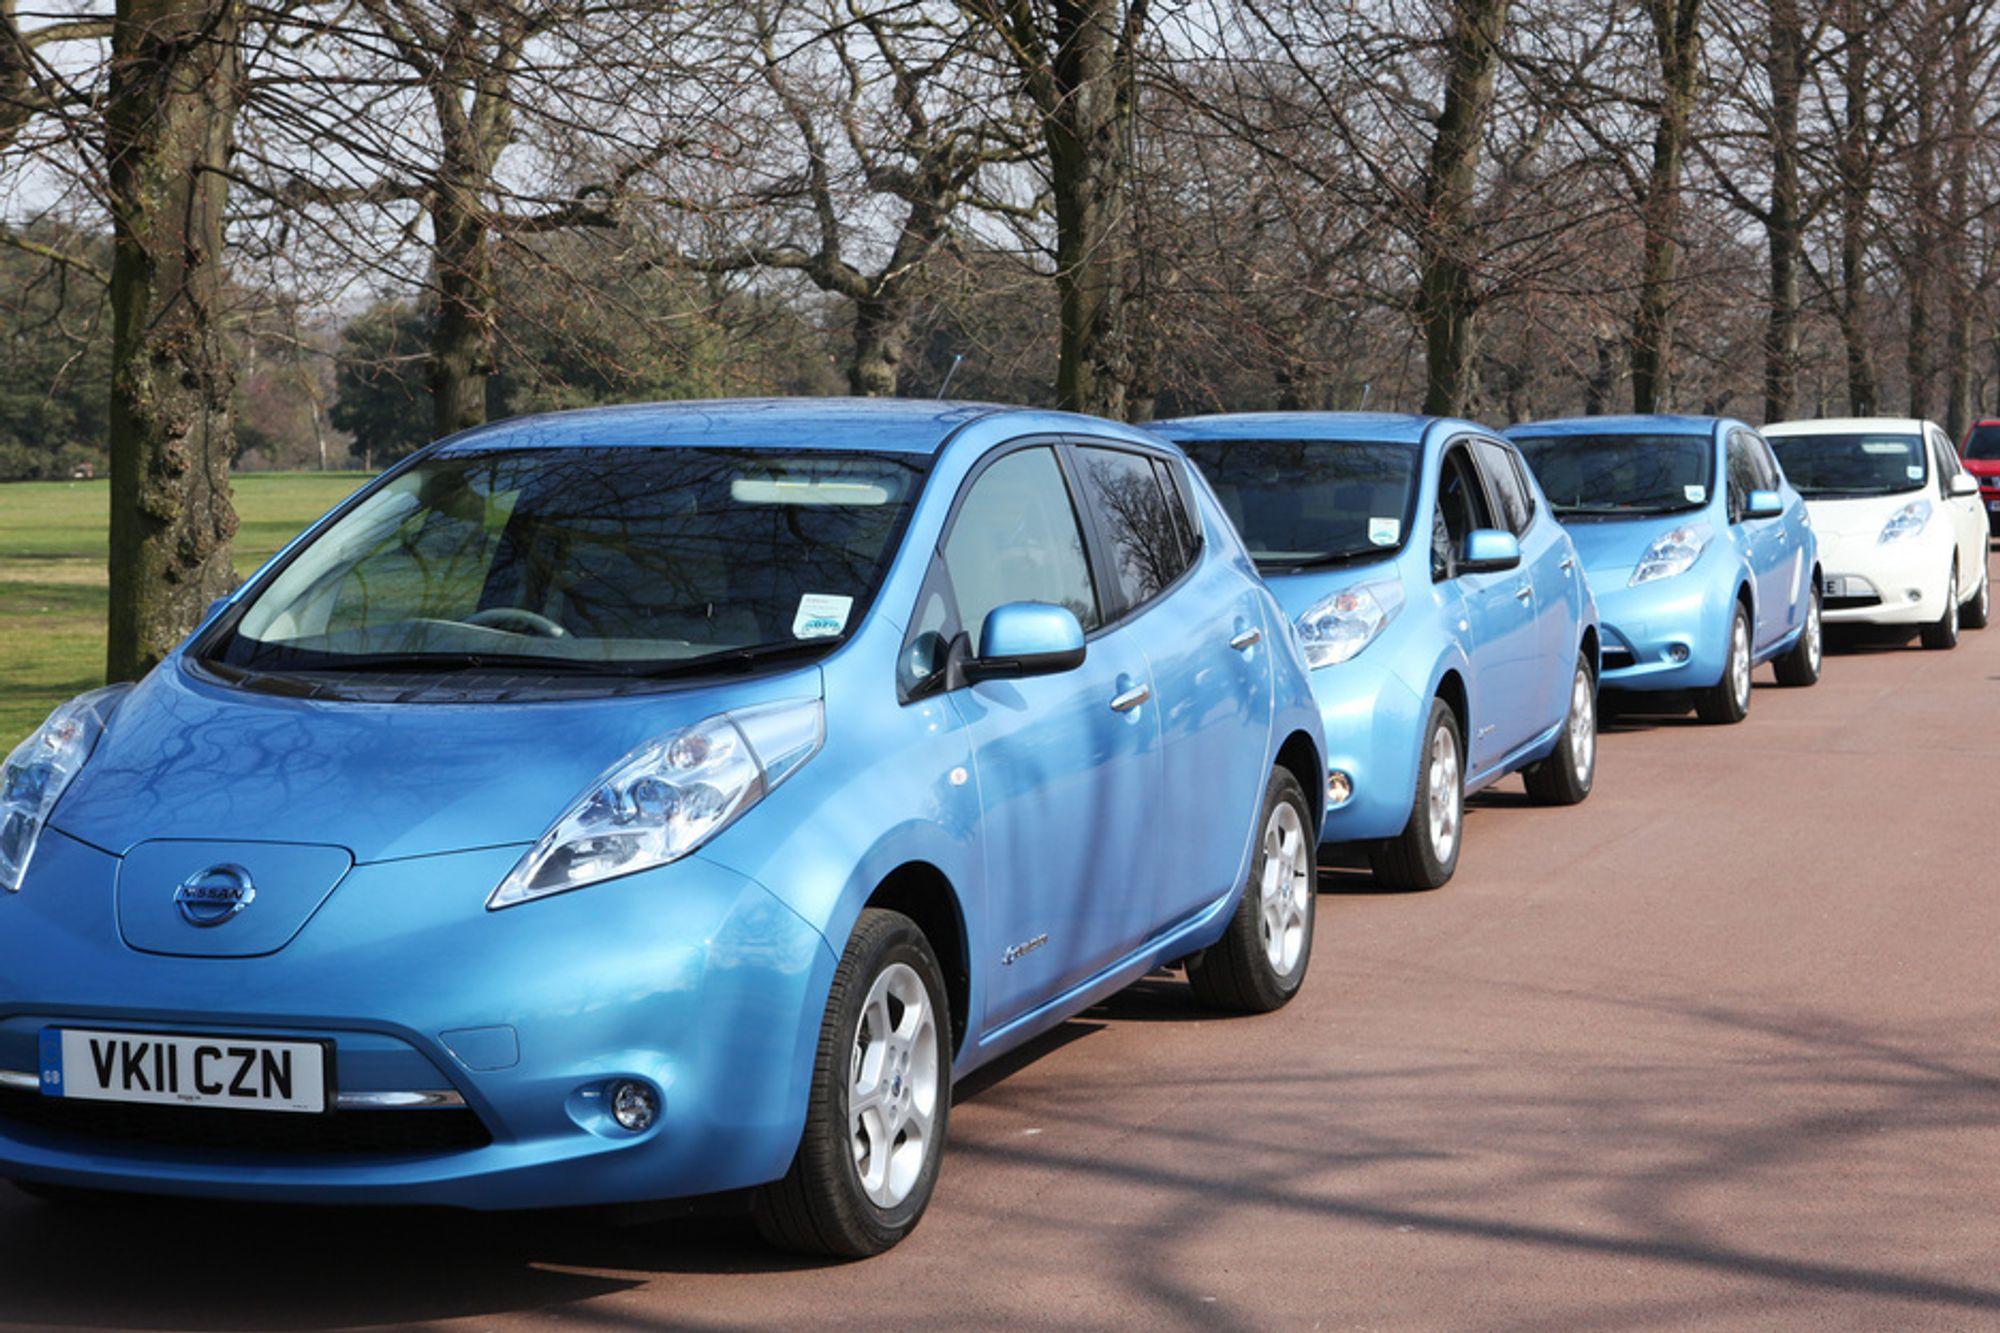 STOR PÅGANG: Nissan Leaf har fått 480 interessenter i Norge bare på drøyt en måned, og det uten noen form for annonsering.